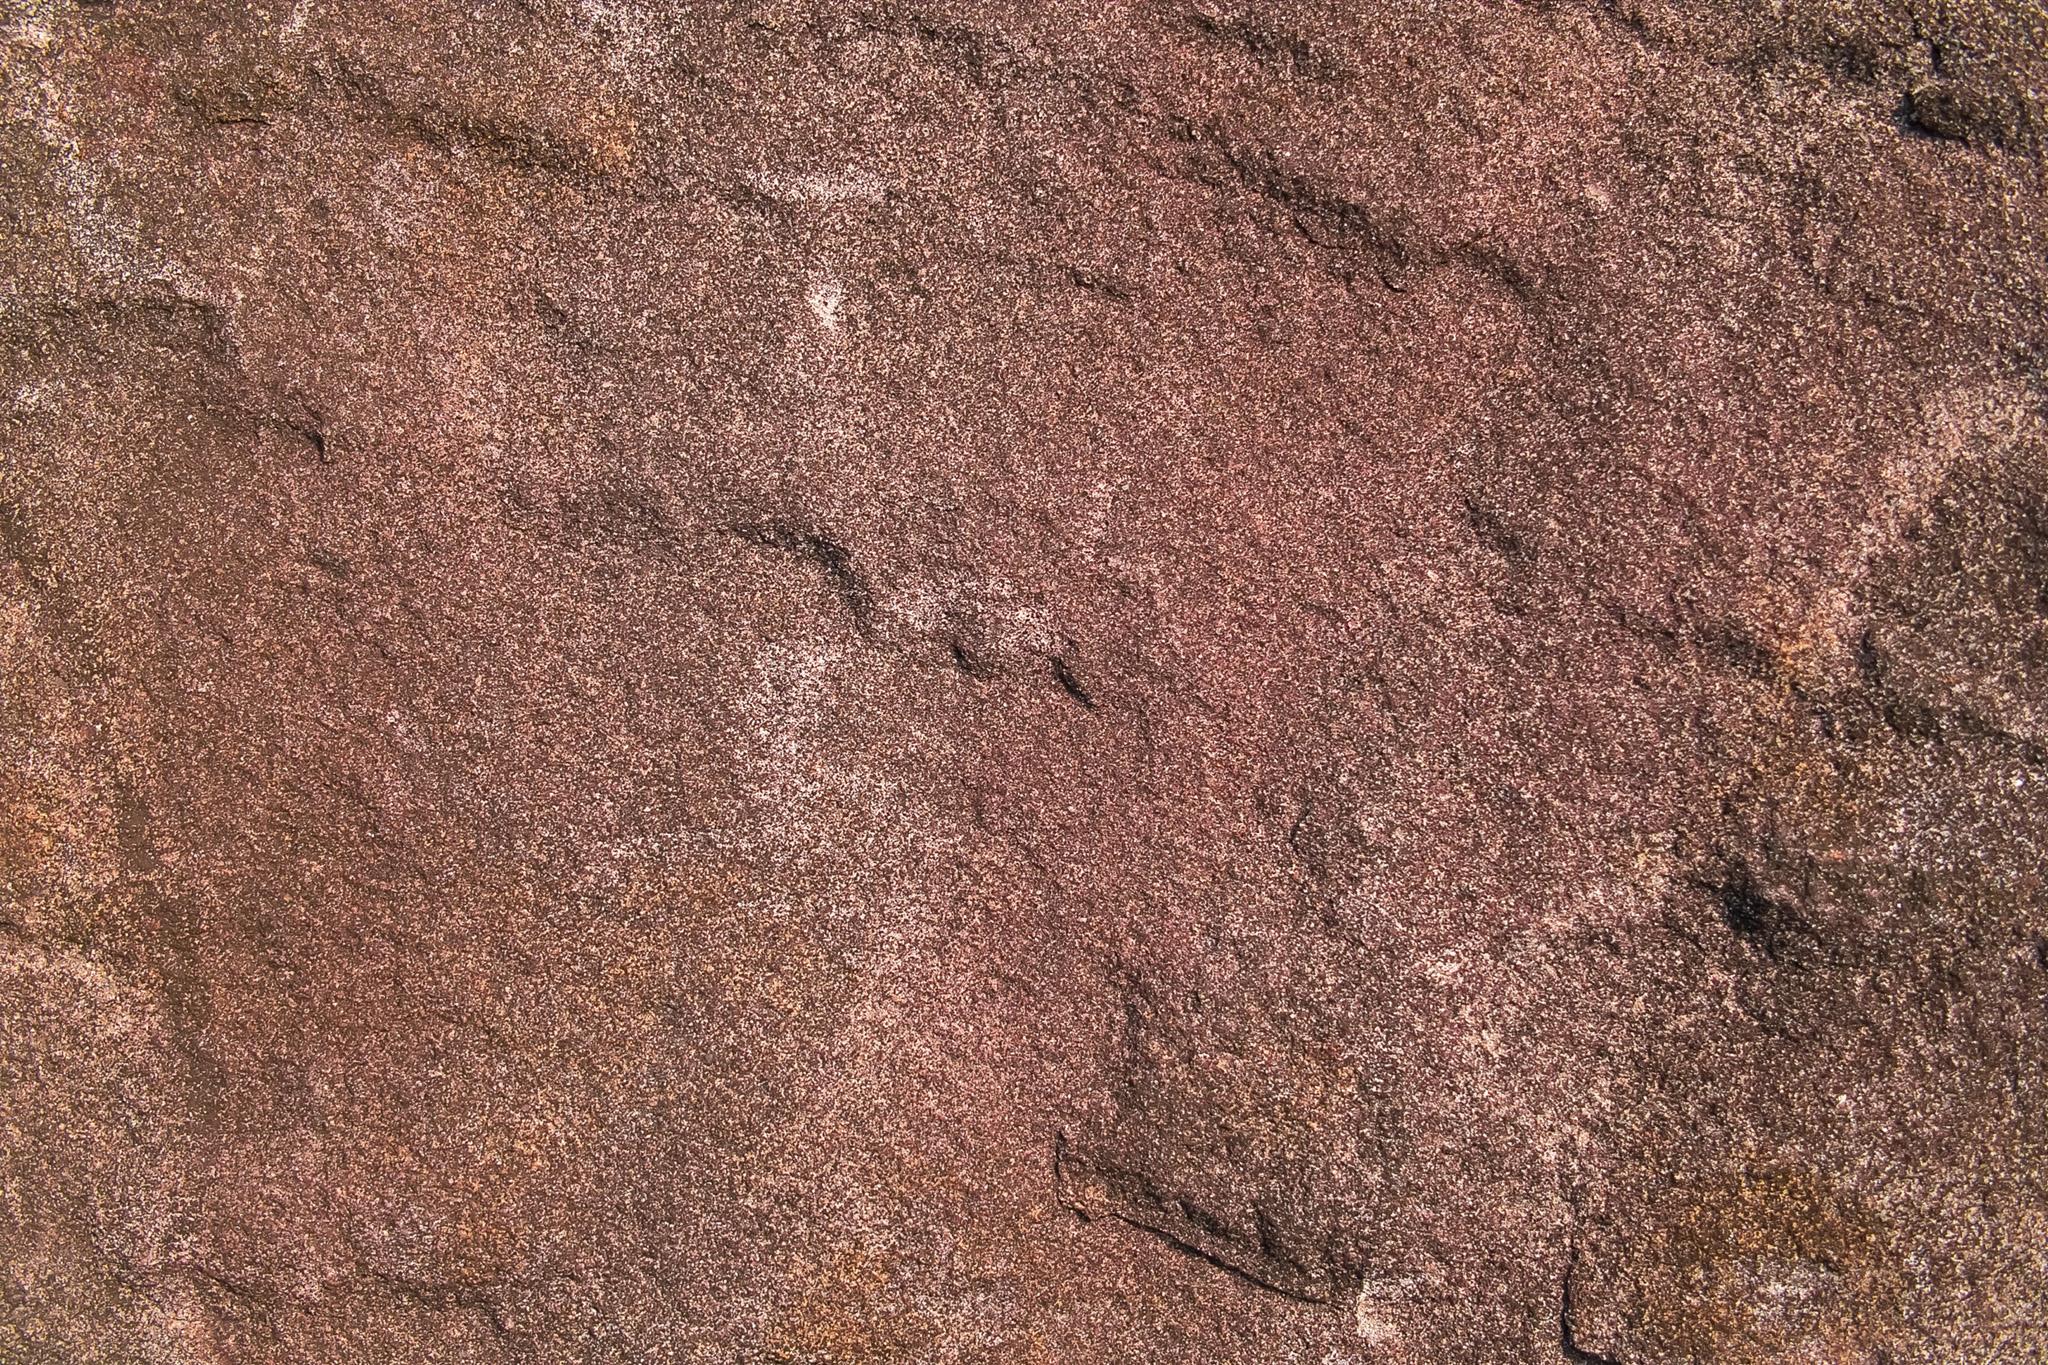 「赤茶色の滑らかな岩肌」